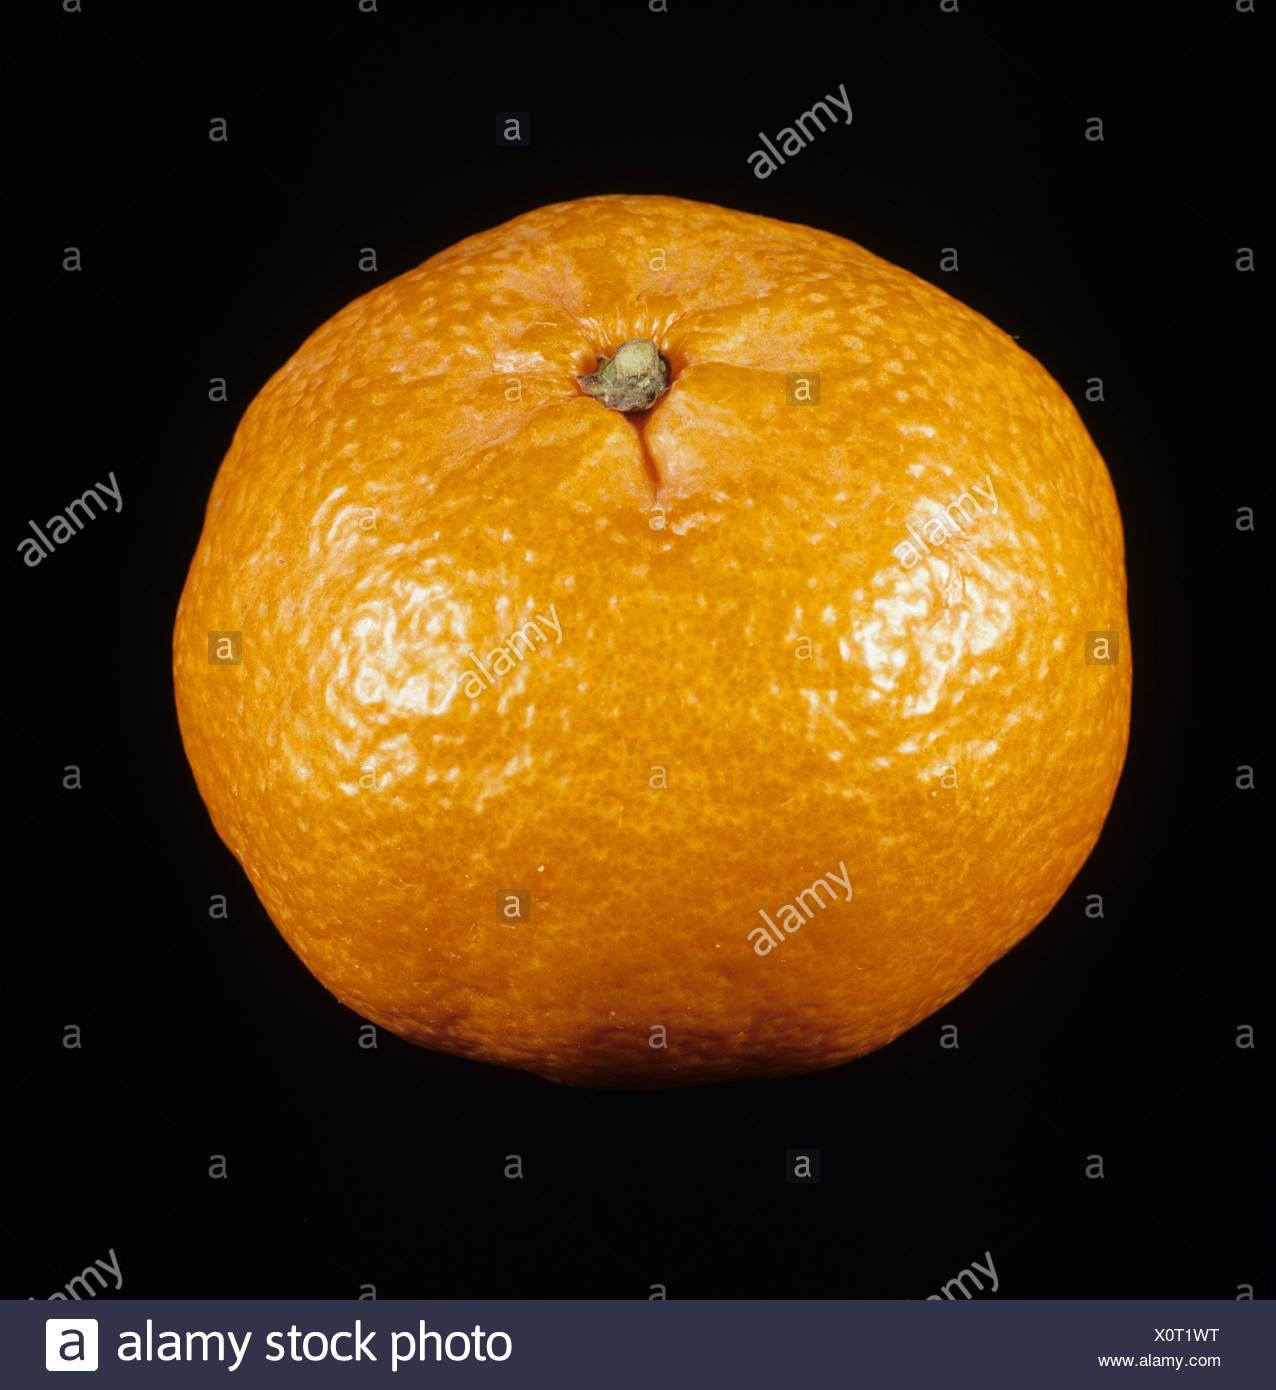 Whole mandarin fruit variety Fortune - Stock Image